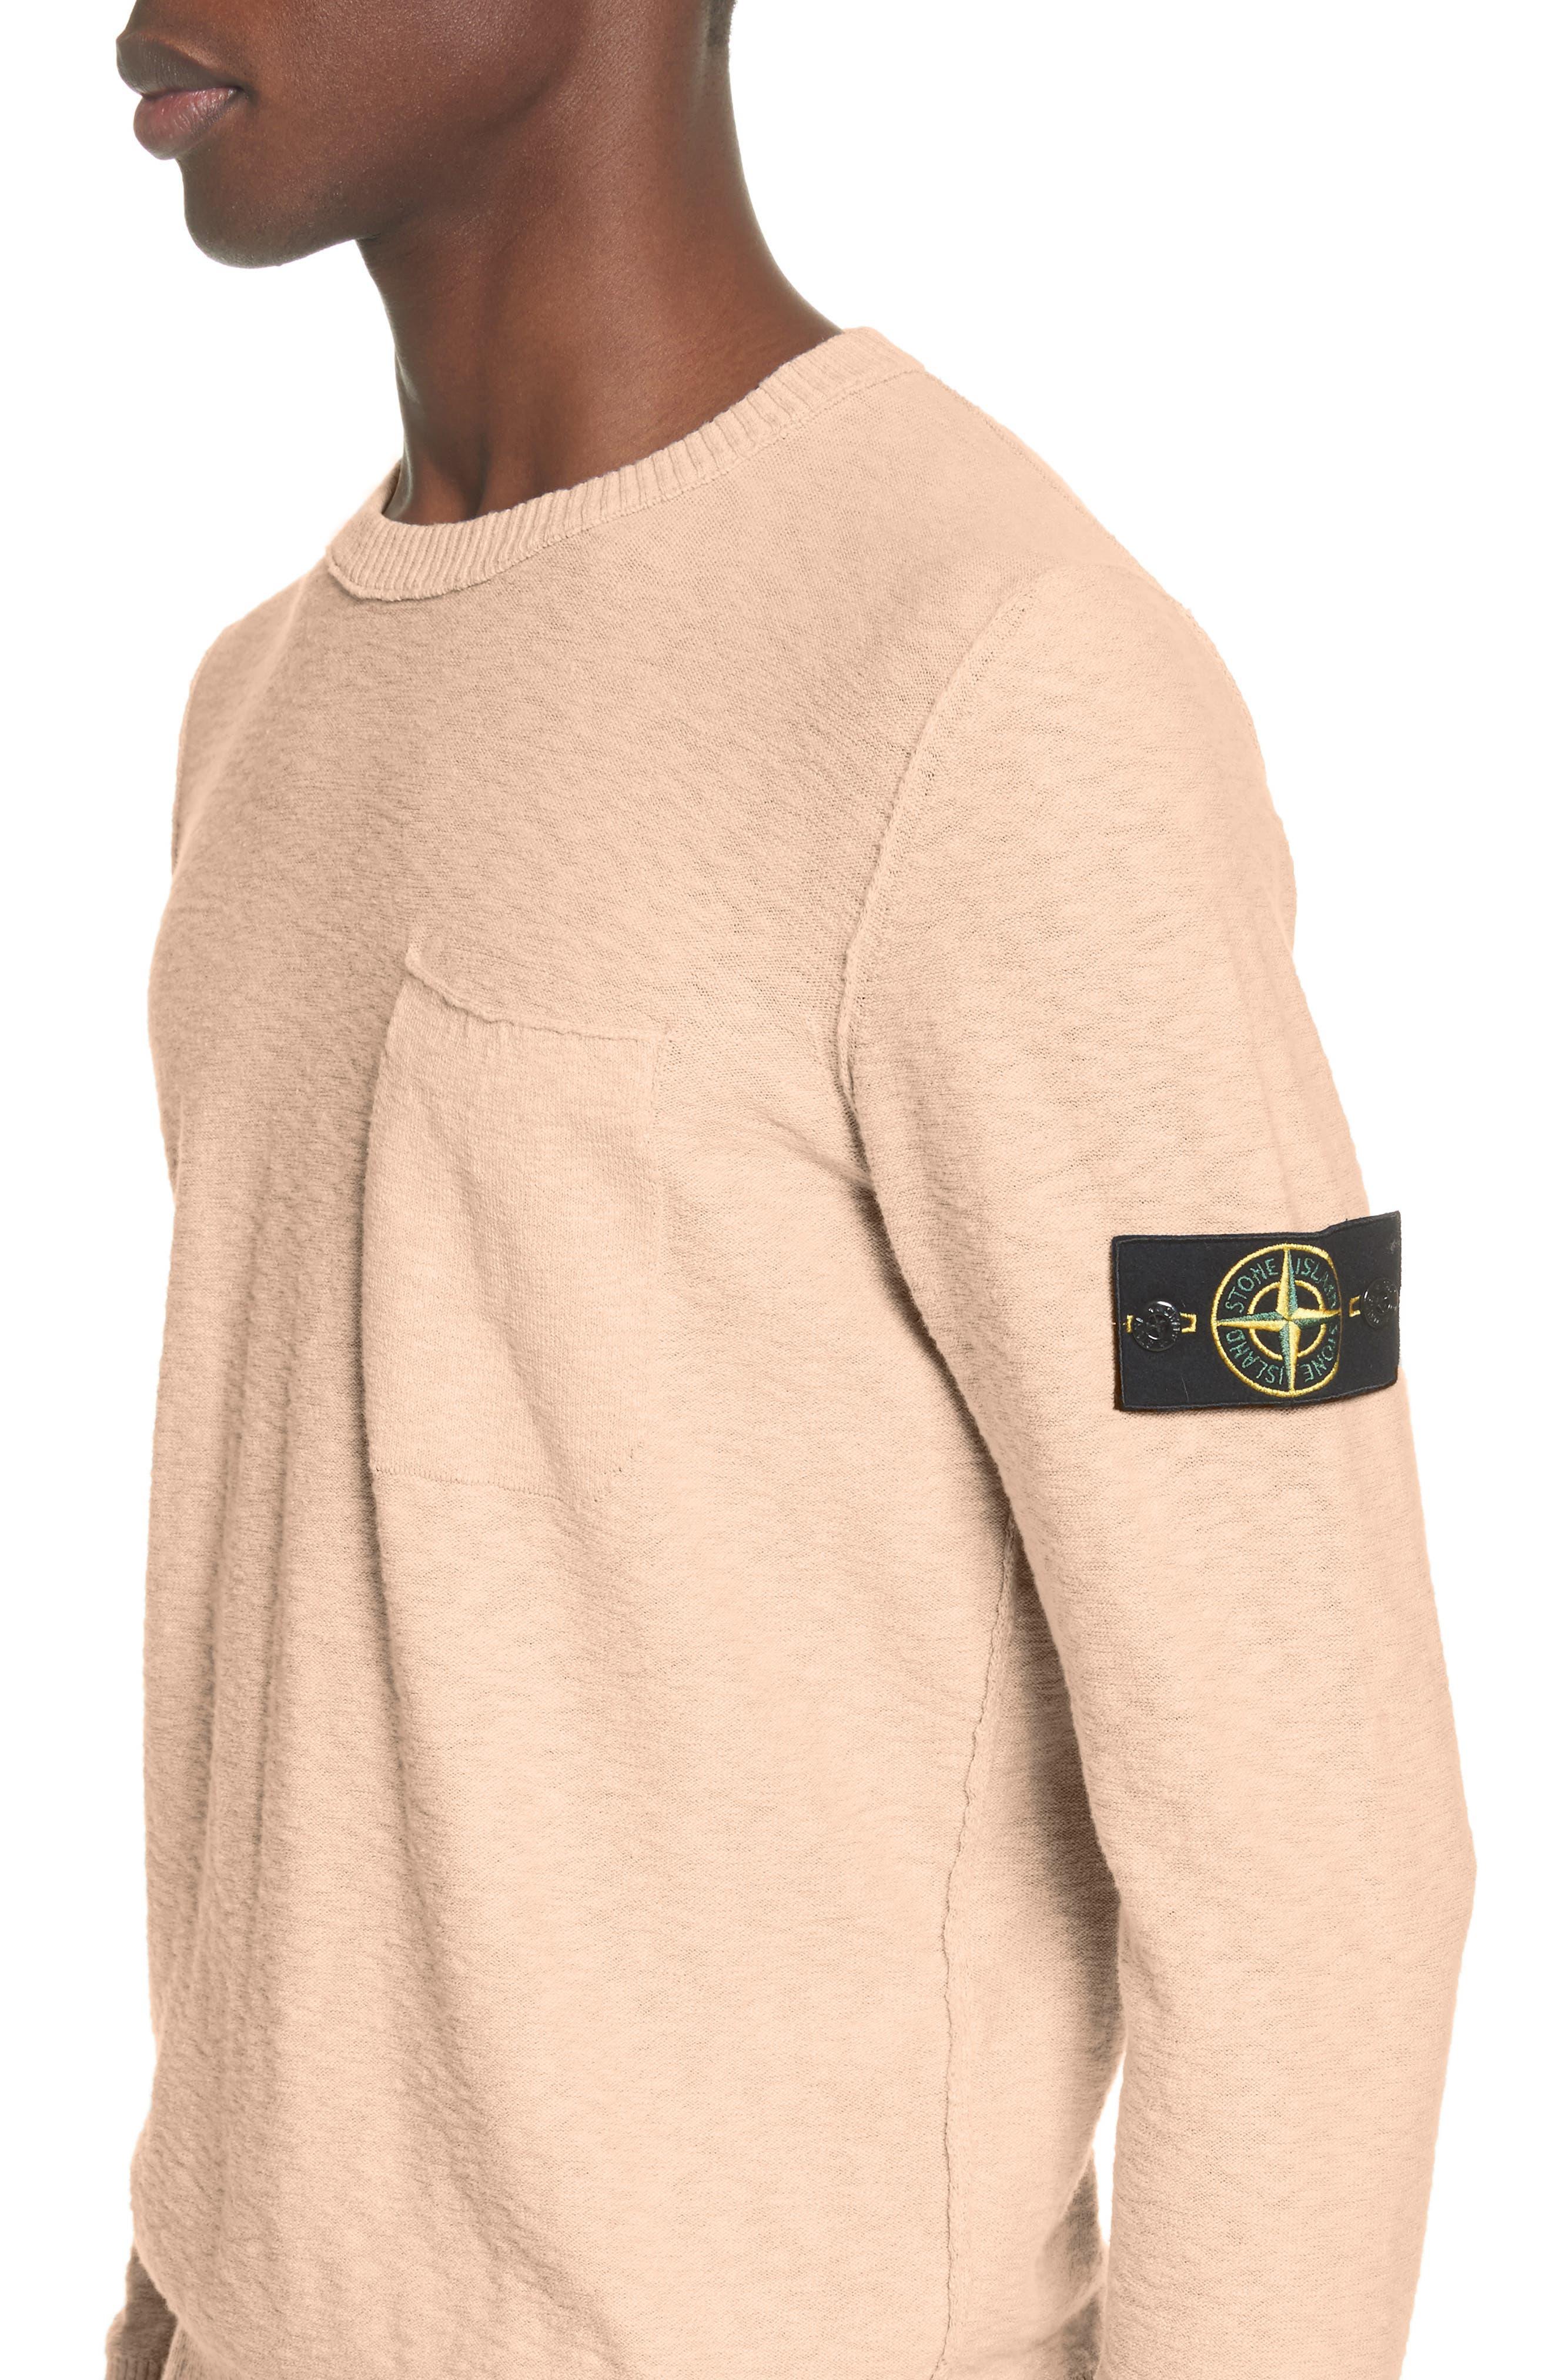 Garment Dyed Cotton Blend Sweatshirt,                             Alternate thumbnail 4, color,